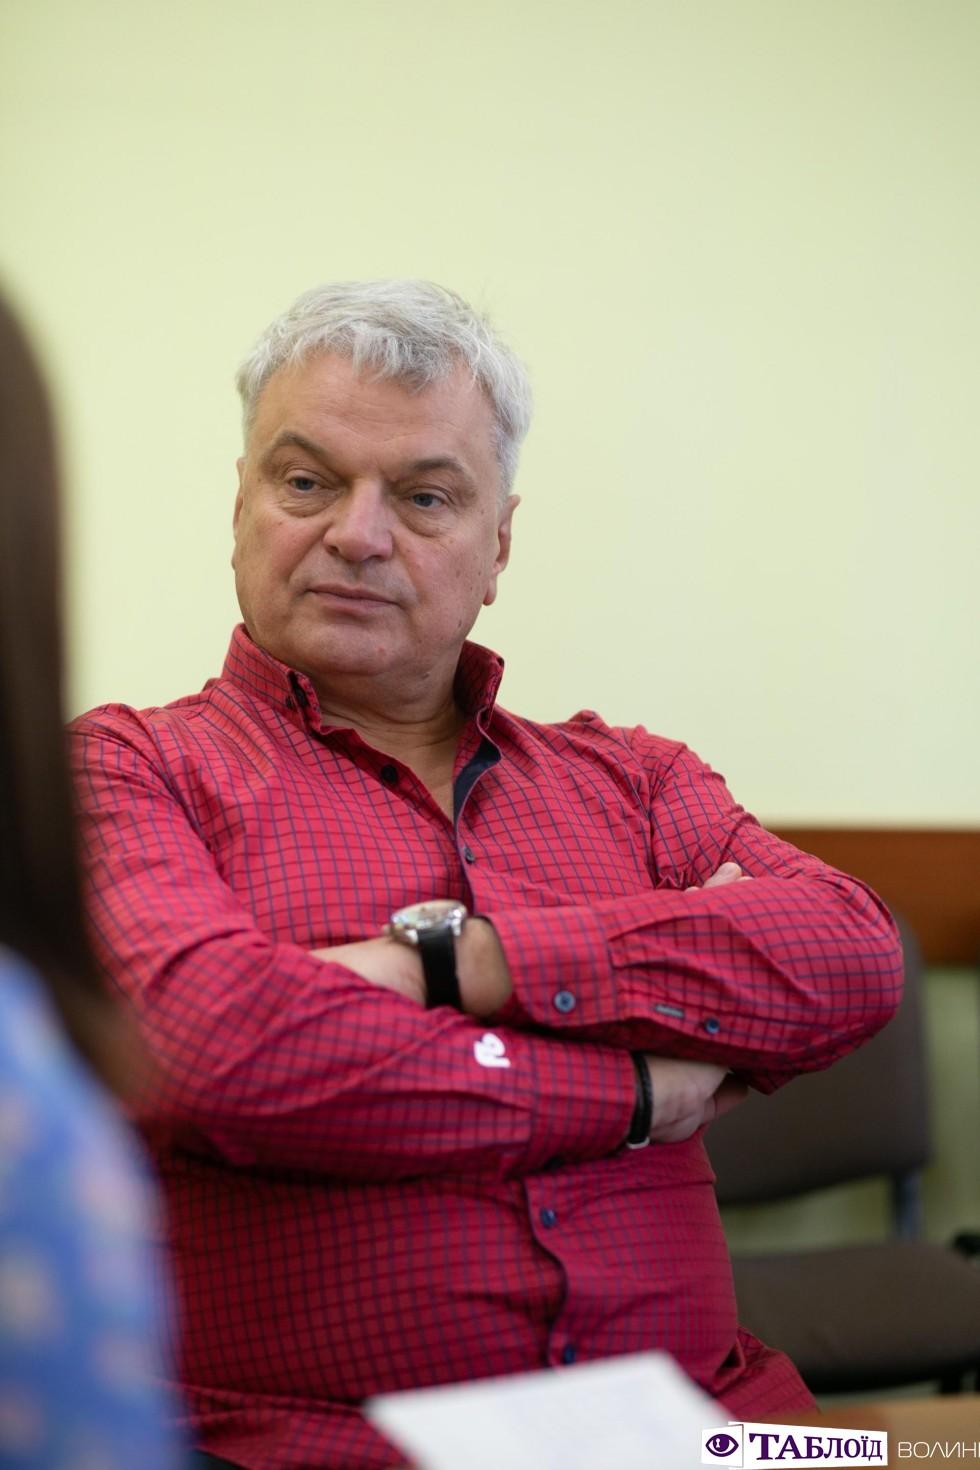 Психолог багатьох телевізійних проектів Орест Шупенюк